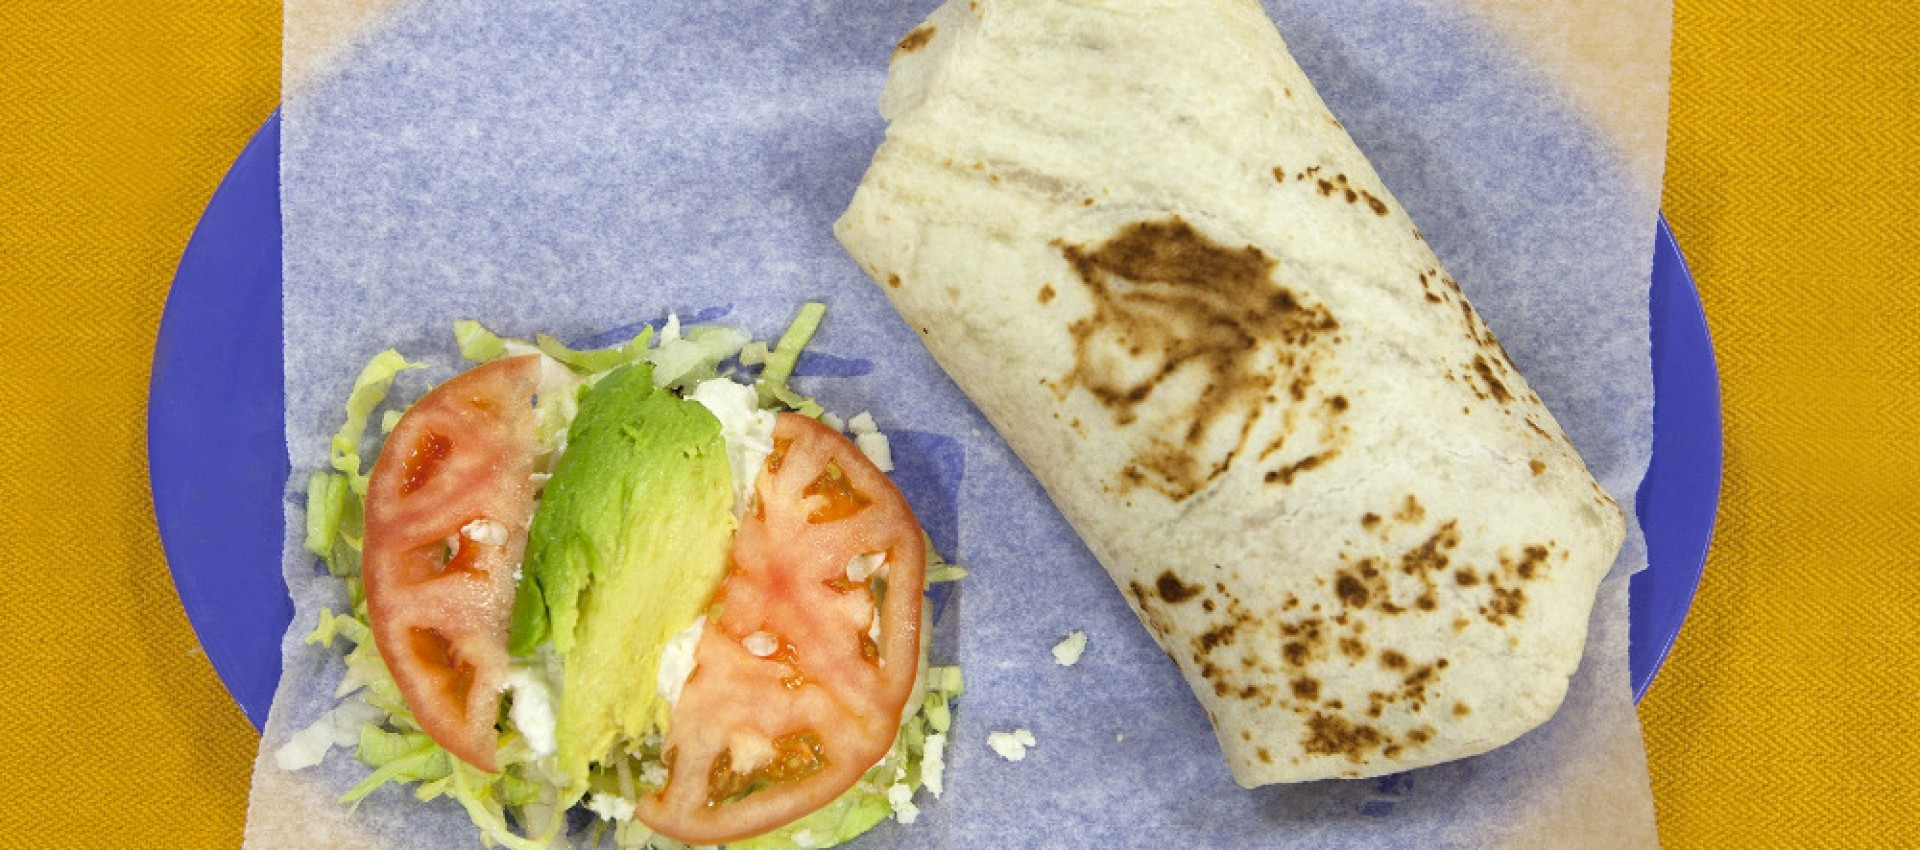 Imagen de Burritos